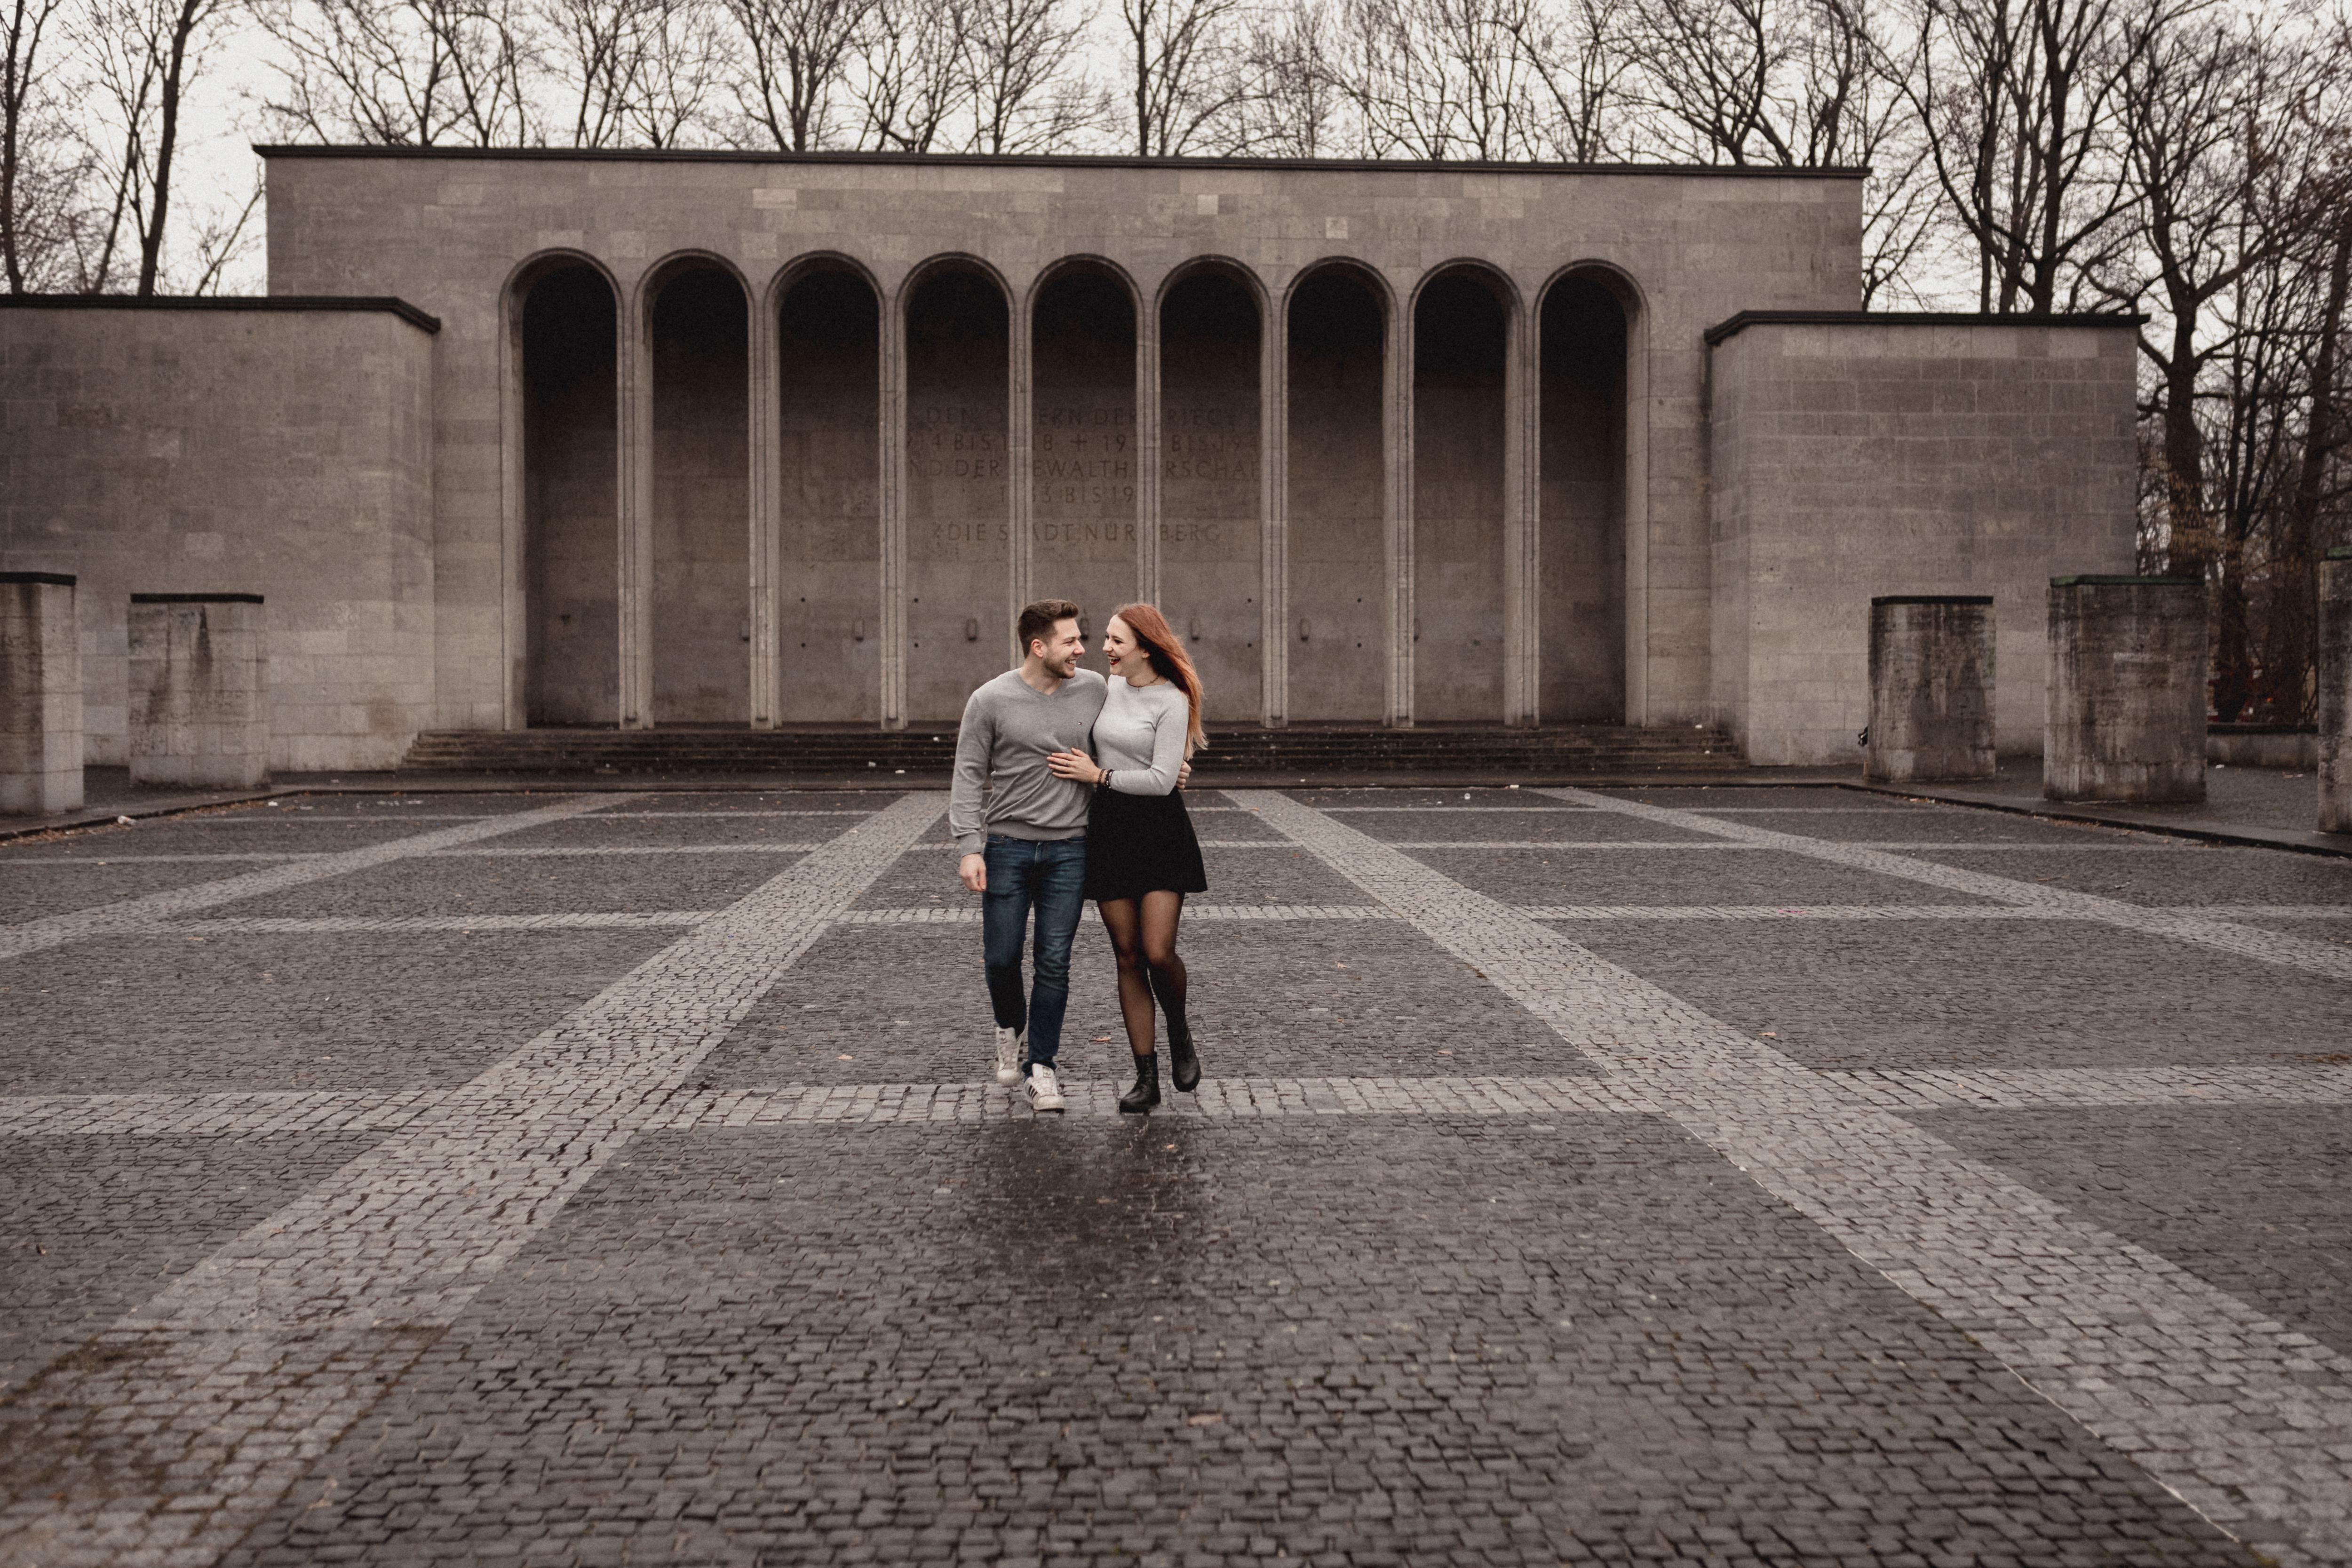 URBANERIE_Daniela_Goth_Paarfotografin_Nürnberg_Fürth_Erlangen_Schwabach_180128_0058